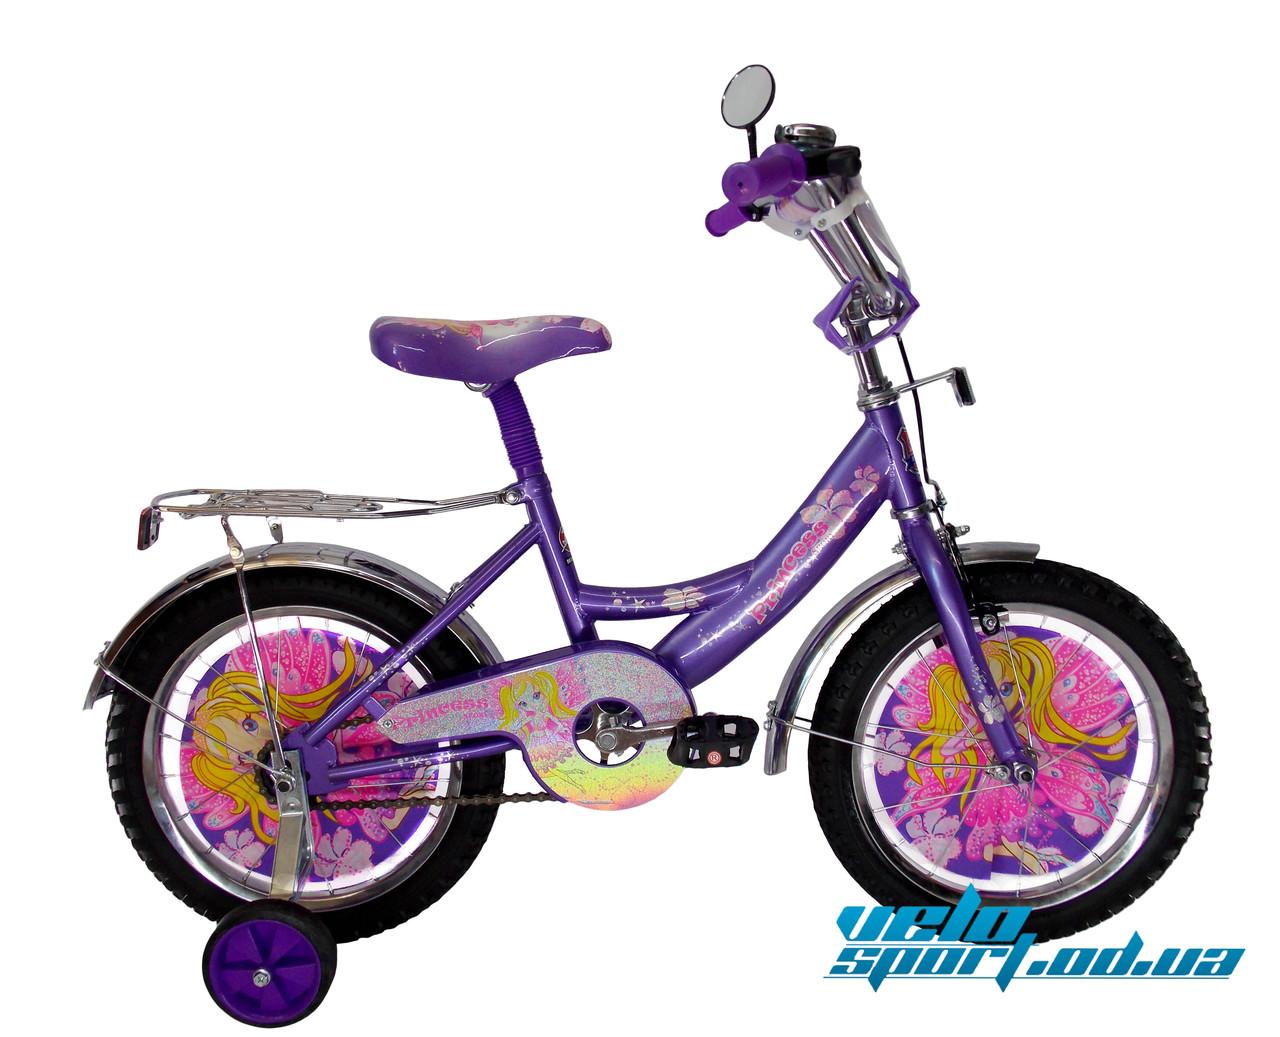 """Детский велосипед Mustang - """"Принцесса"""" (16 дюймов) -   Интернет-магазин """"VELOSPORT.OD.UA""""  в Одессе"""